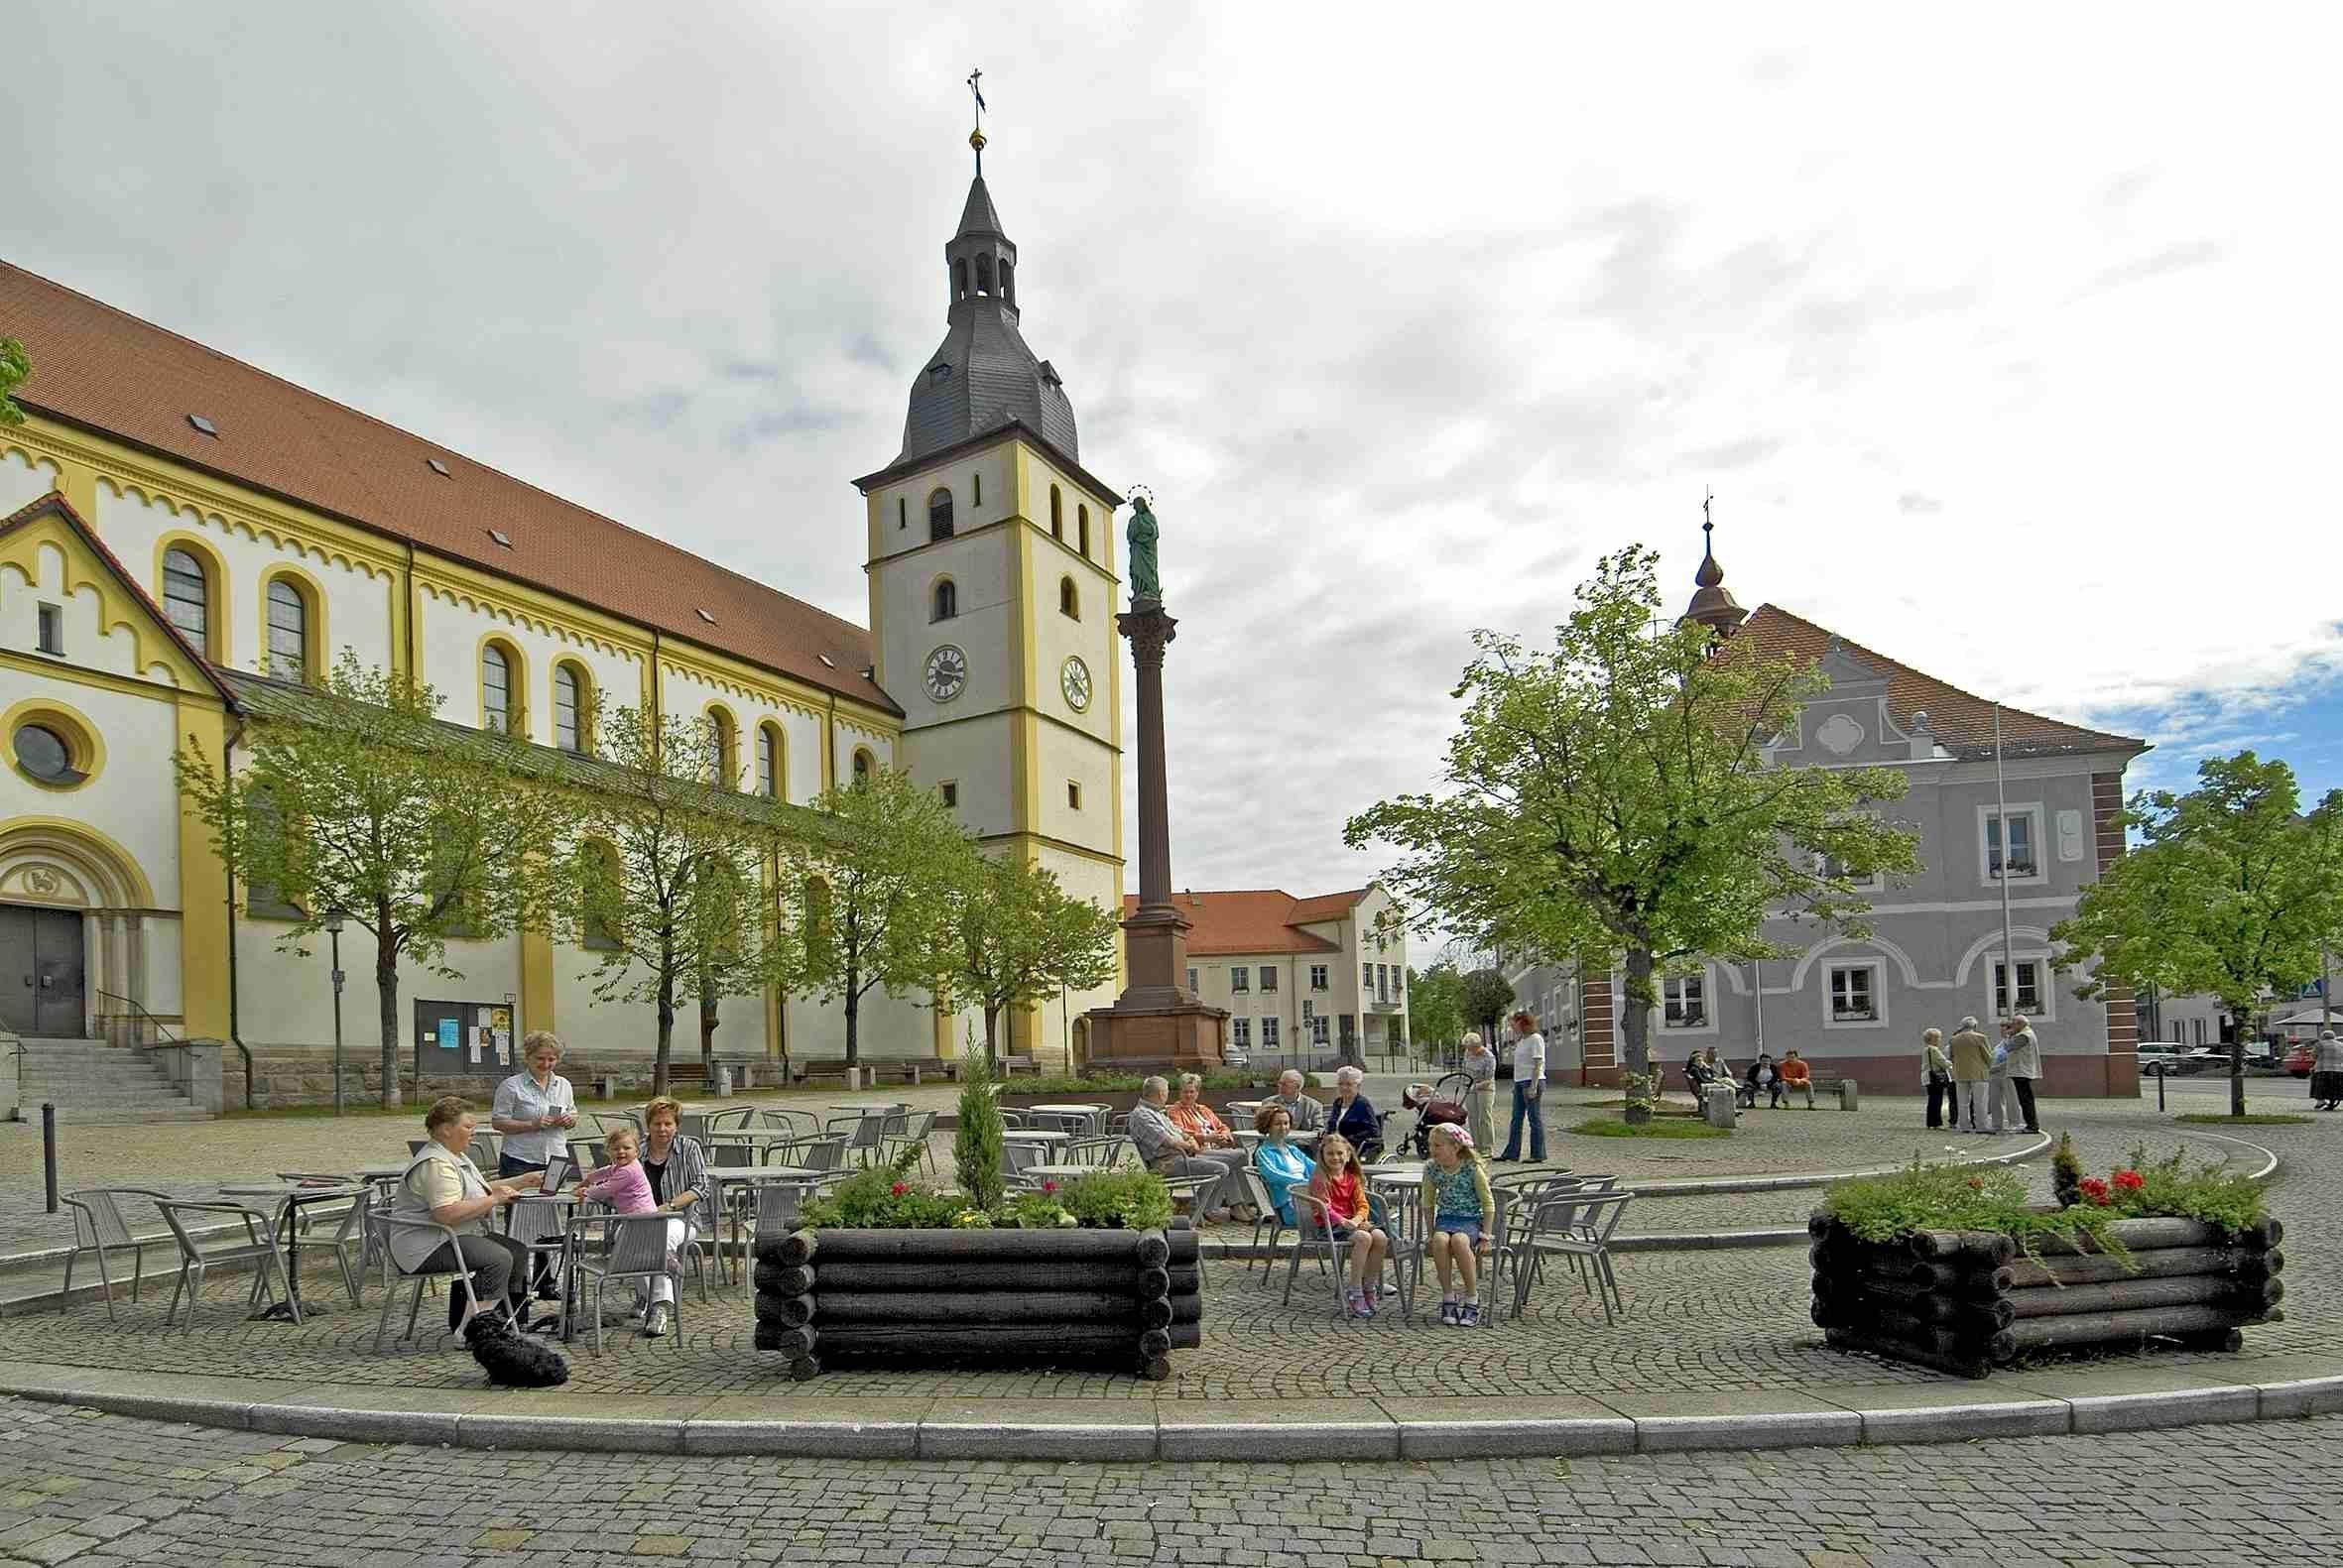 Ausgangssperre in Bayern verhängt: